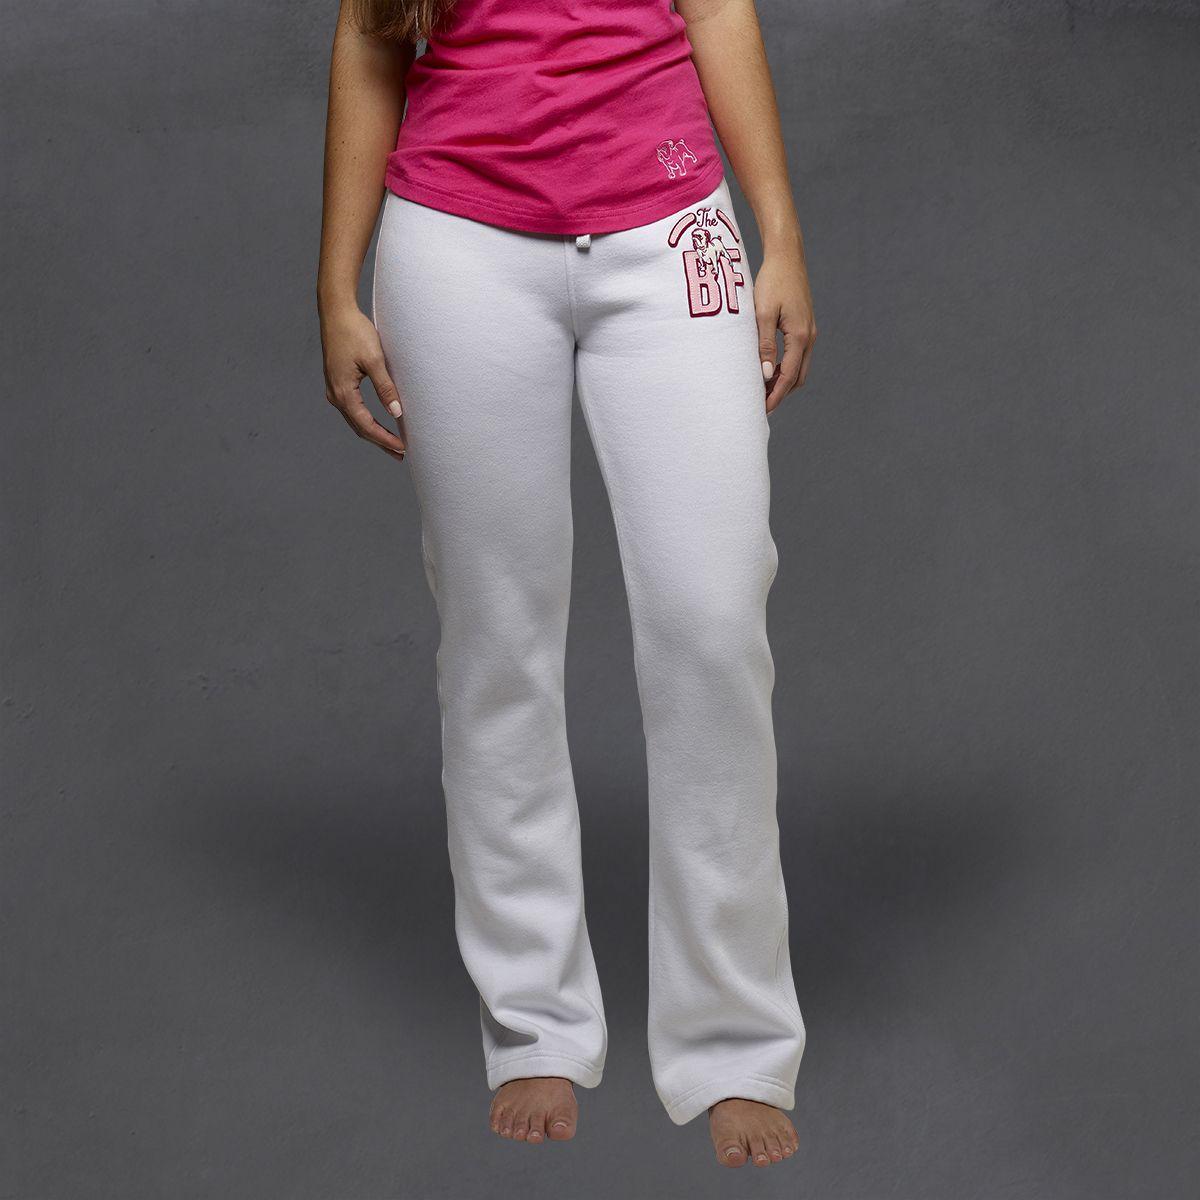 girls-sweatpants-pics